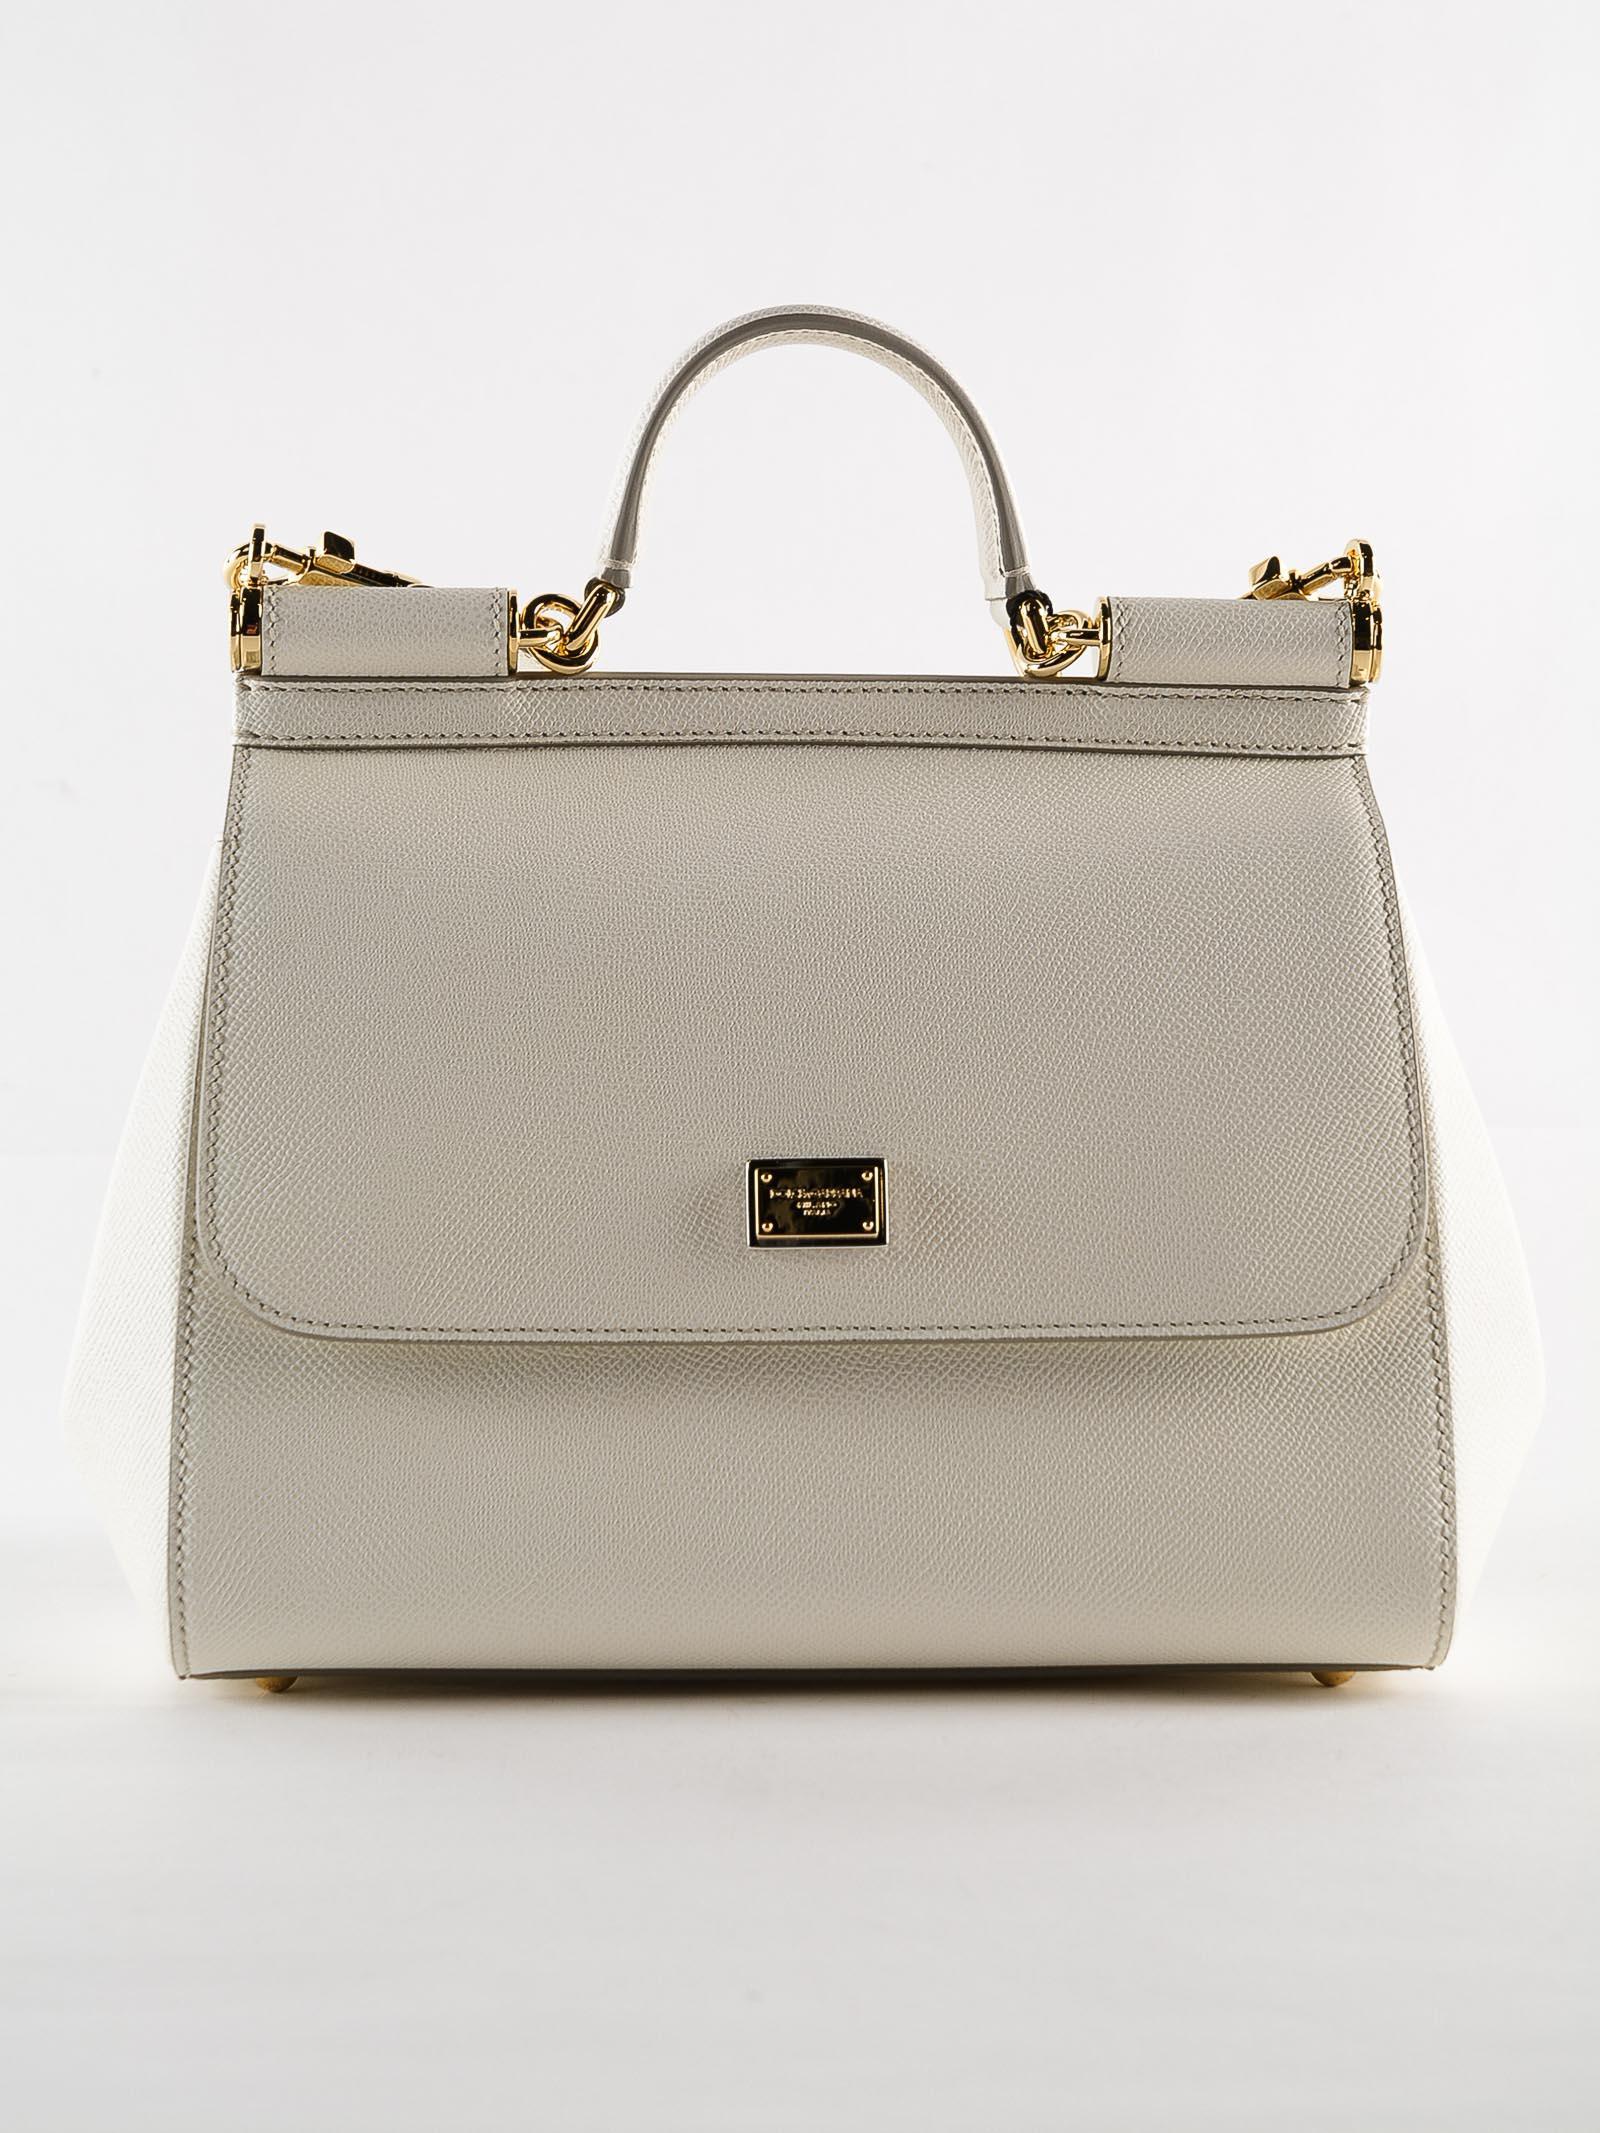 Dolce   Gabbana St.dauphine Handbag - Lyst 43d252e13a62b